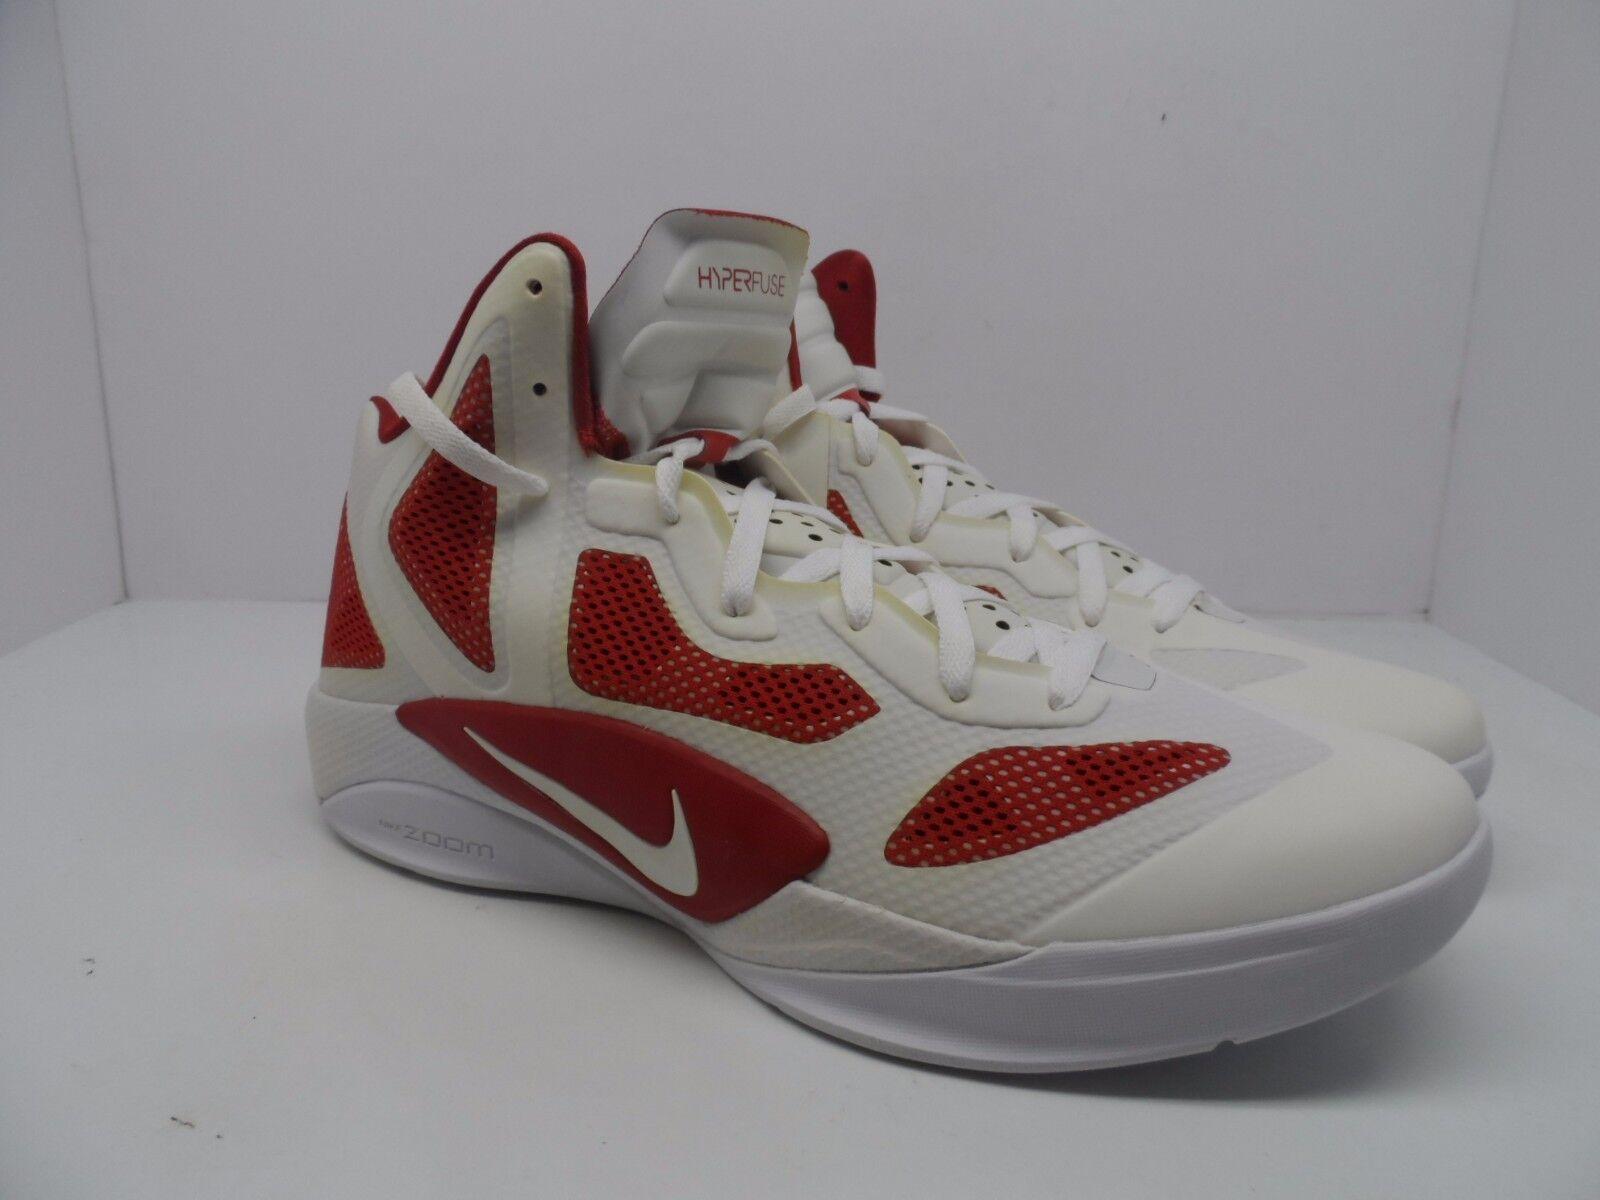 Nike Uomo Zoom Hyperfuse 2011 TB Basketball Shoe White/Varsity Red Size 12.5M